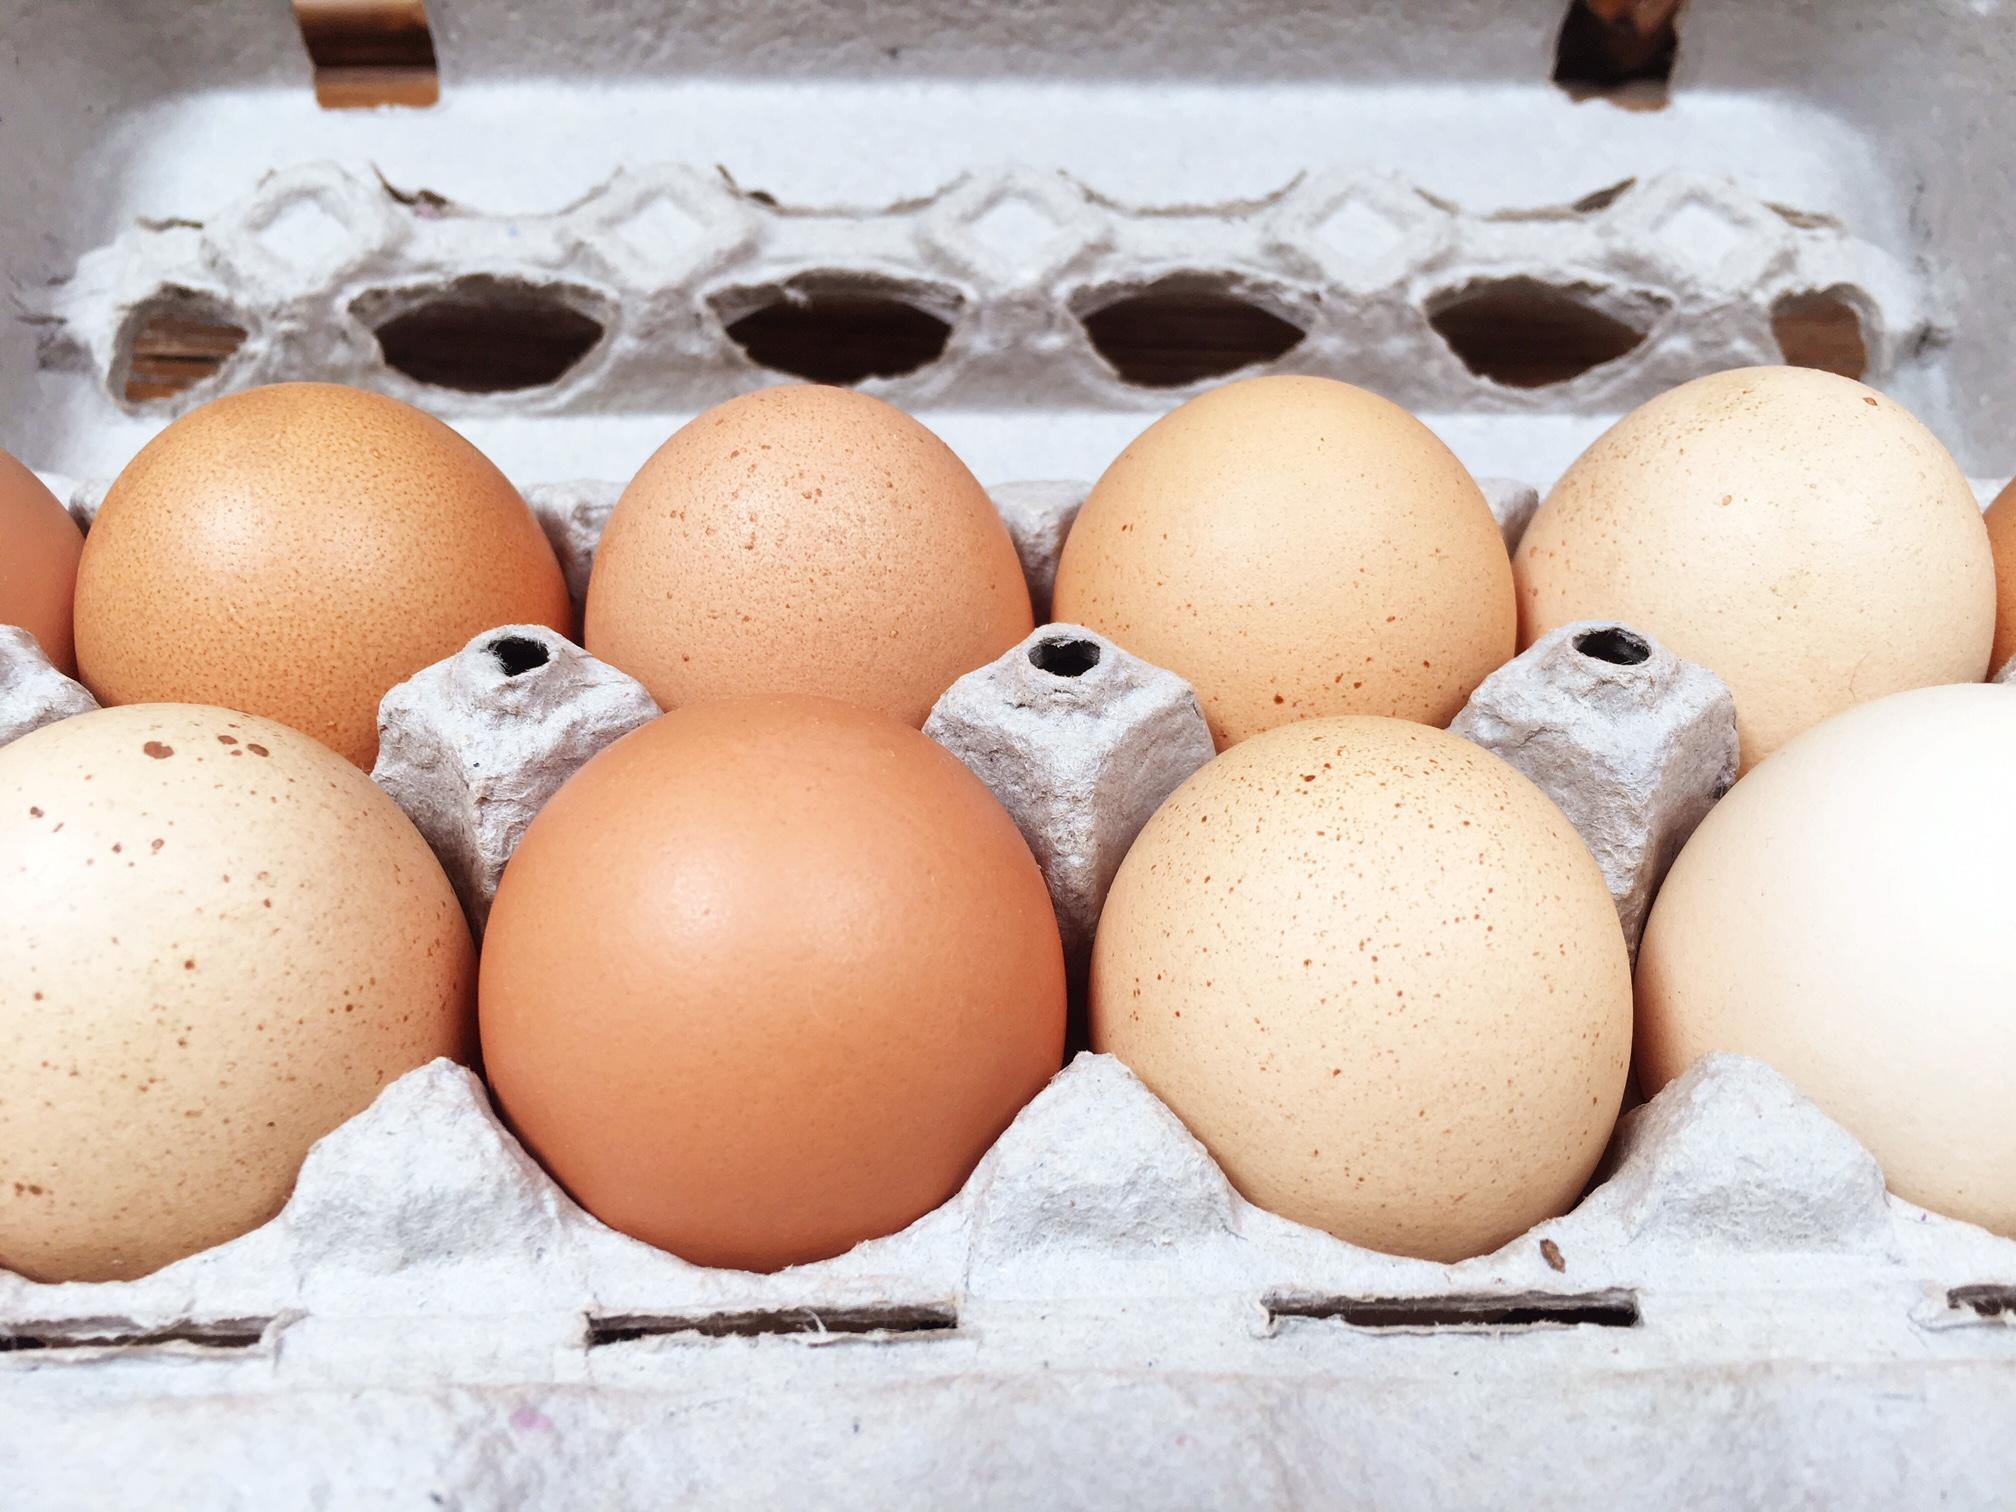 Sparrow Farm eggs